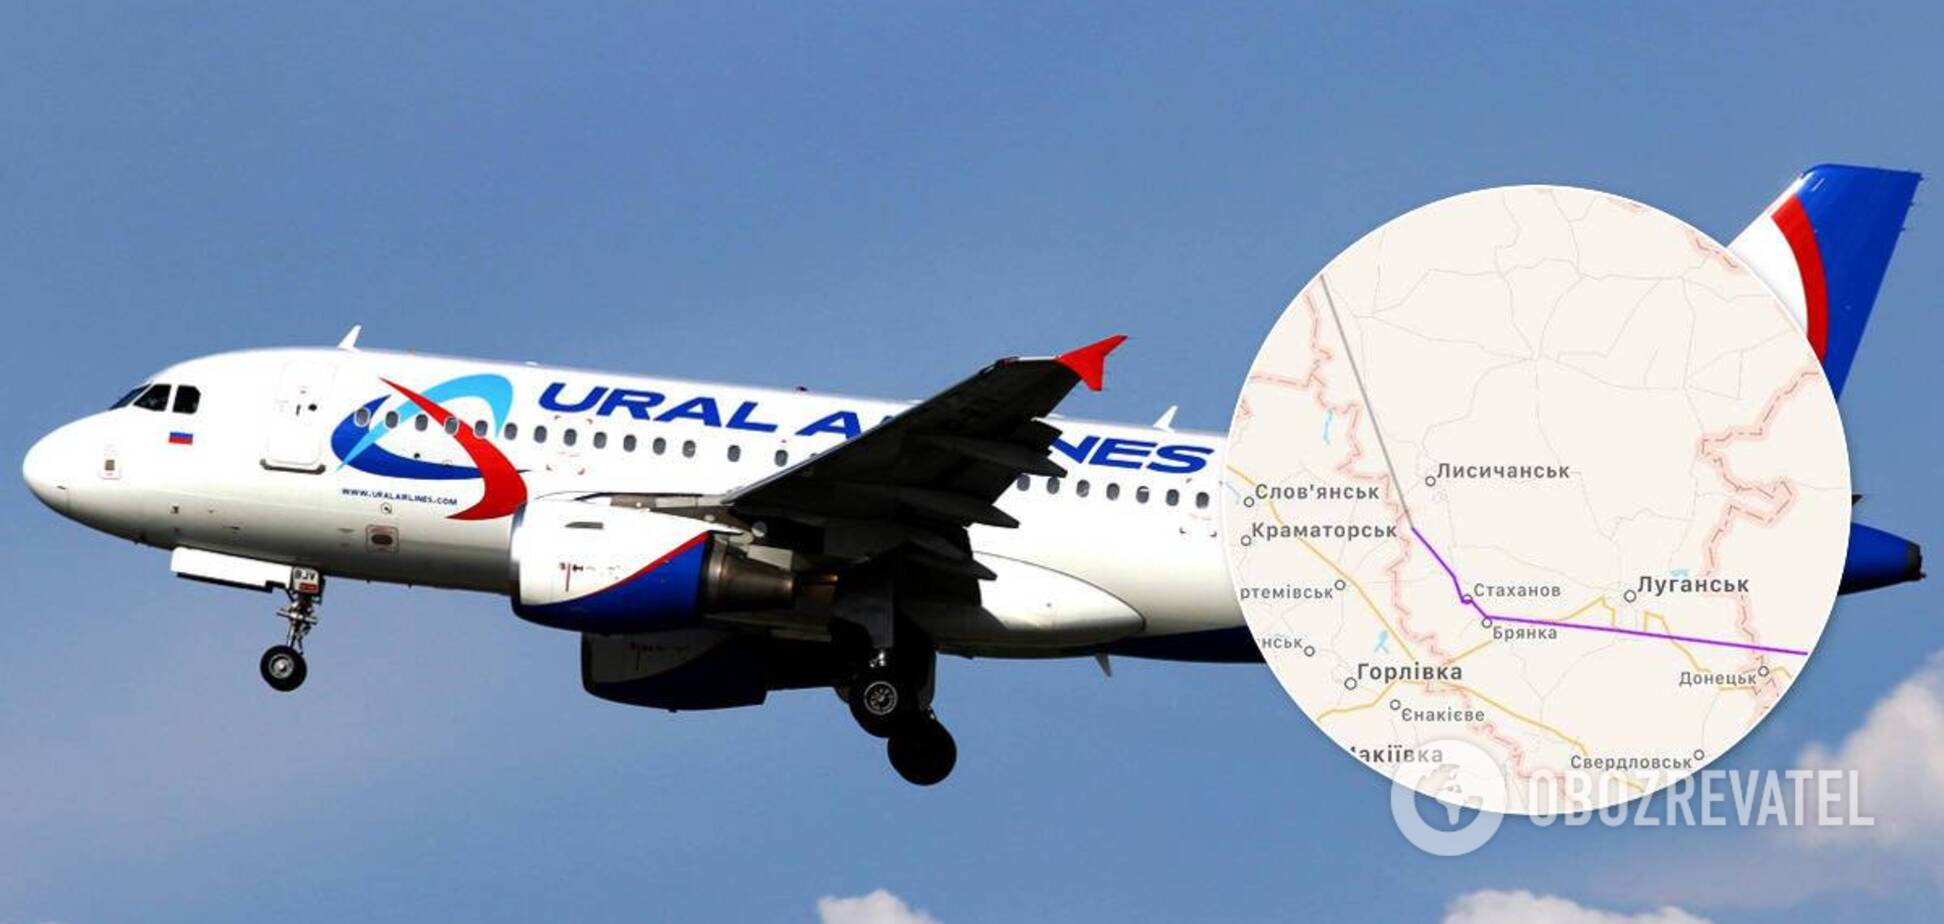 В небе над Украиной зафиксировали российский пассажирский самолет